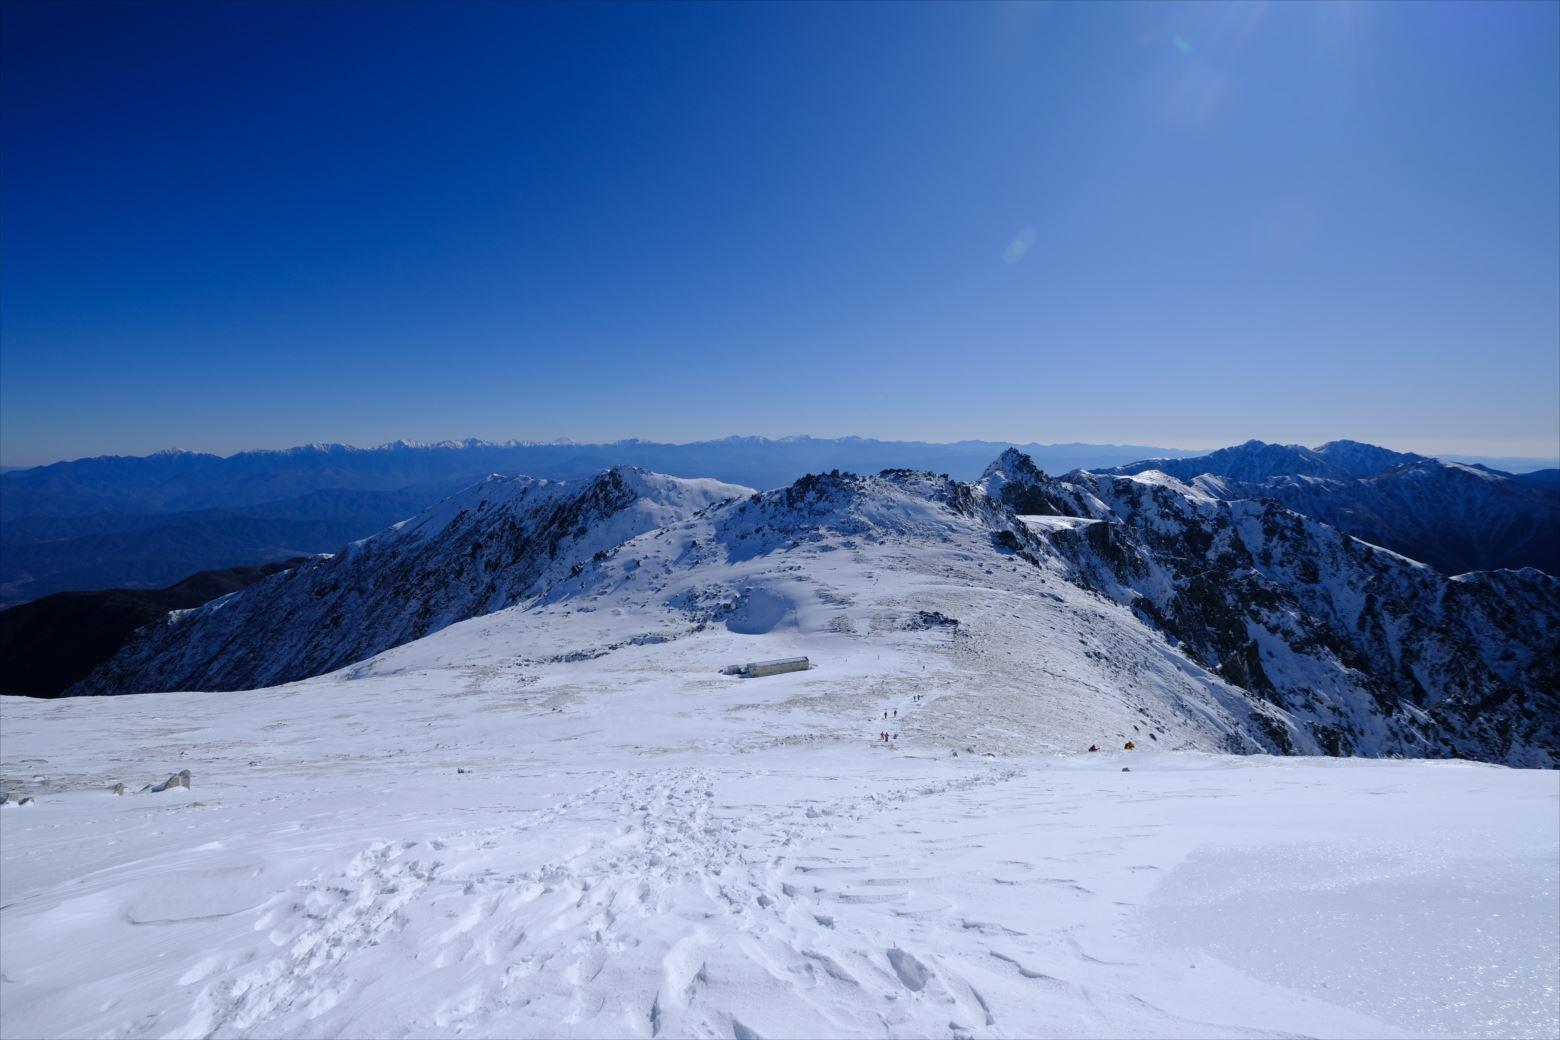 【初冬期・雪山登山】木曽駒ケ岳 (38)